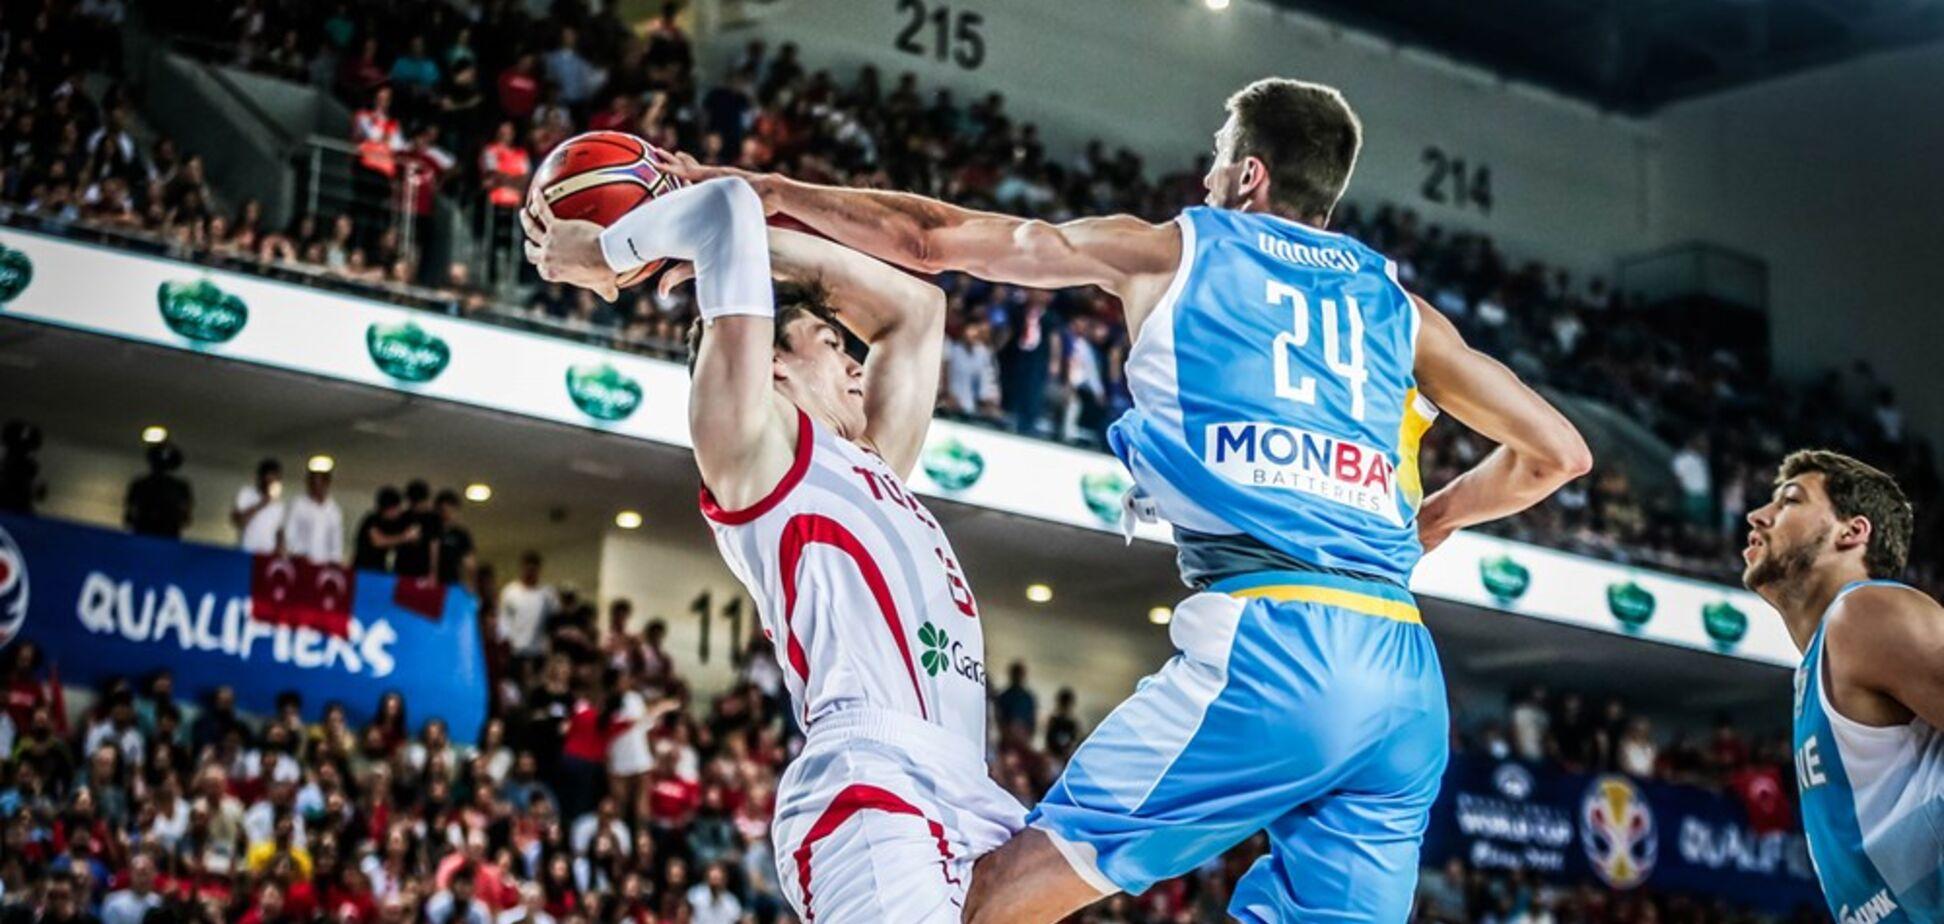 Збірна України з баскетболу програла в матчі відбору на КС-2019